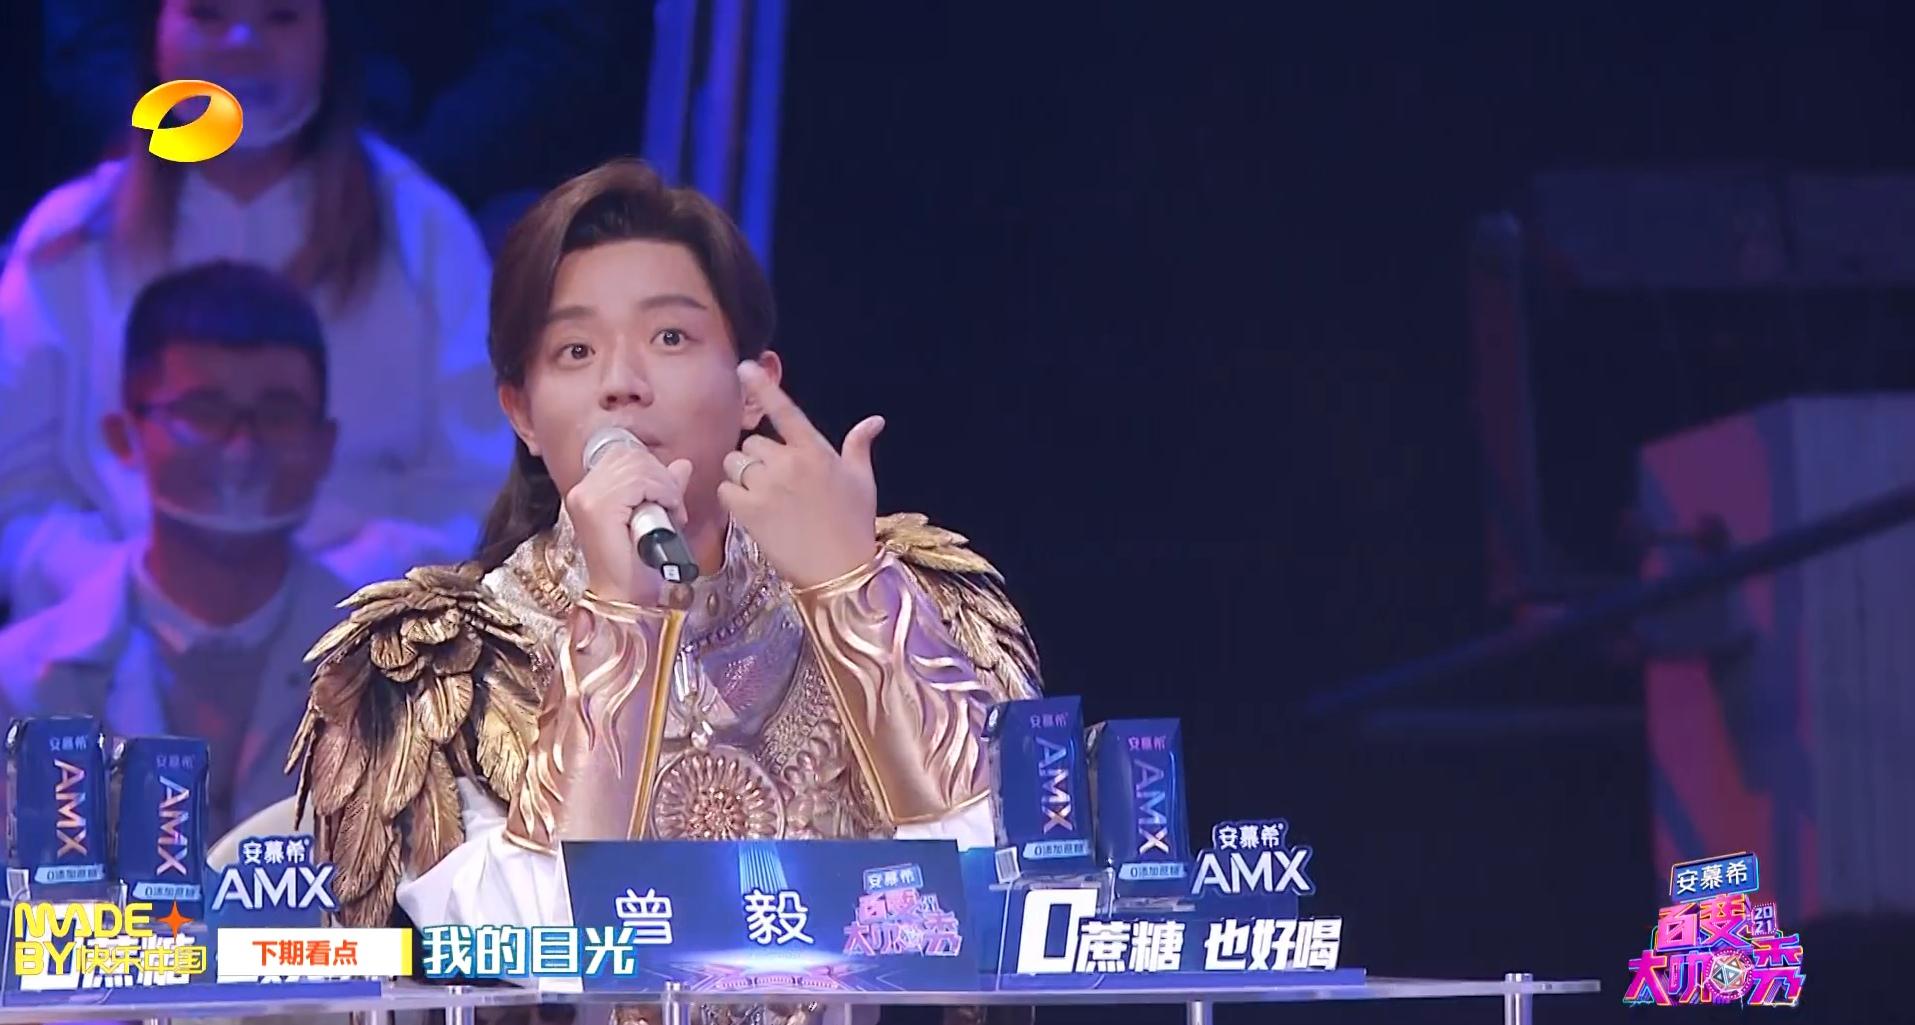 《百变大咖秀》吴昕携唱跳舞台燃情回归 (2).jpg